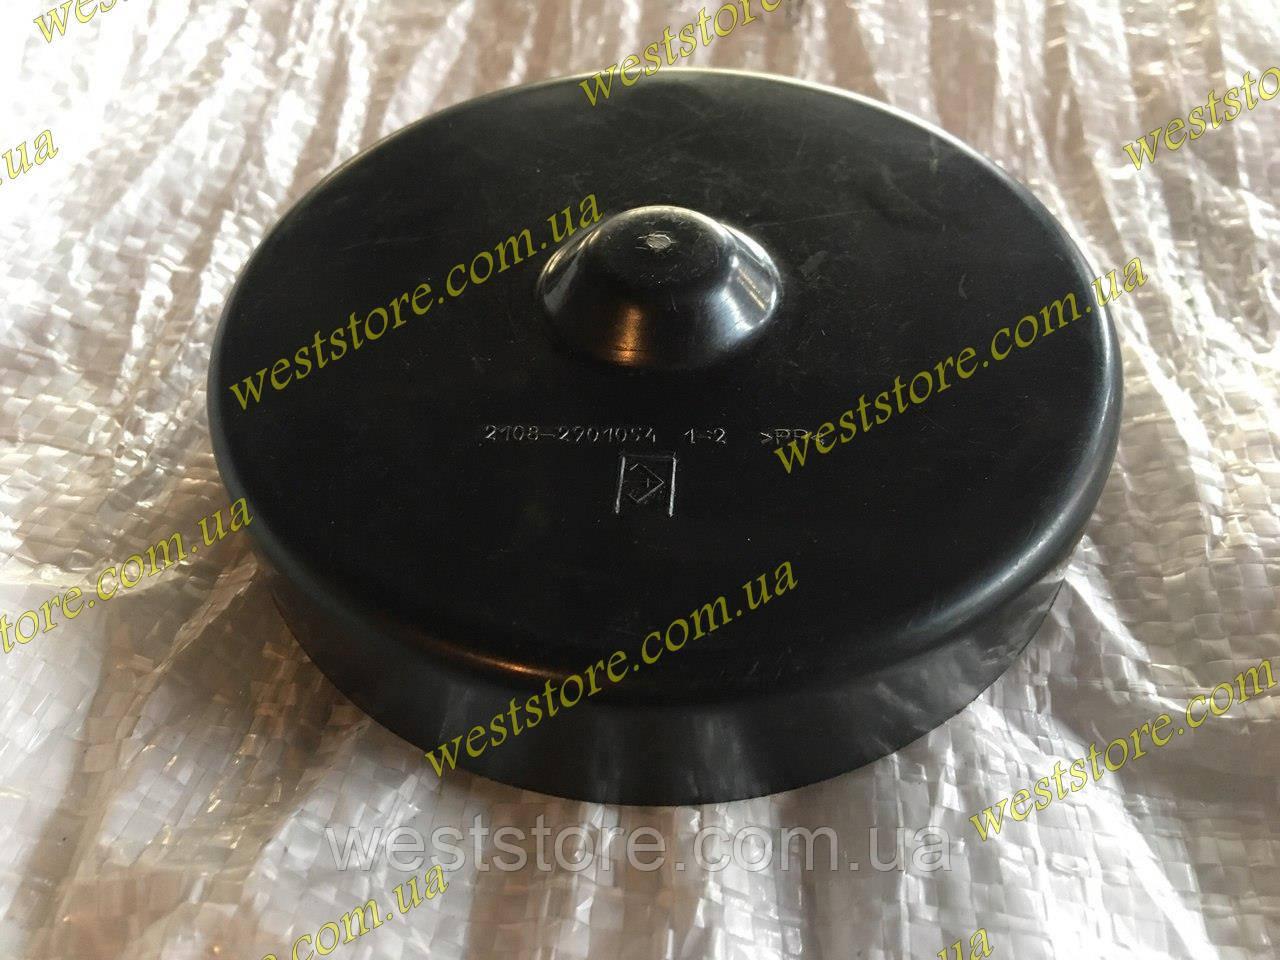 Колпак стойки опоры переднего амортизатора Ваз 2108 2109 21099